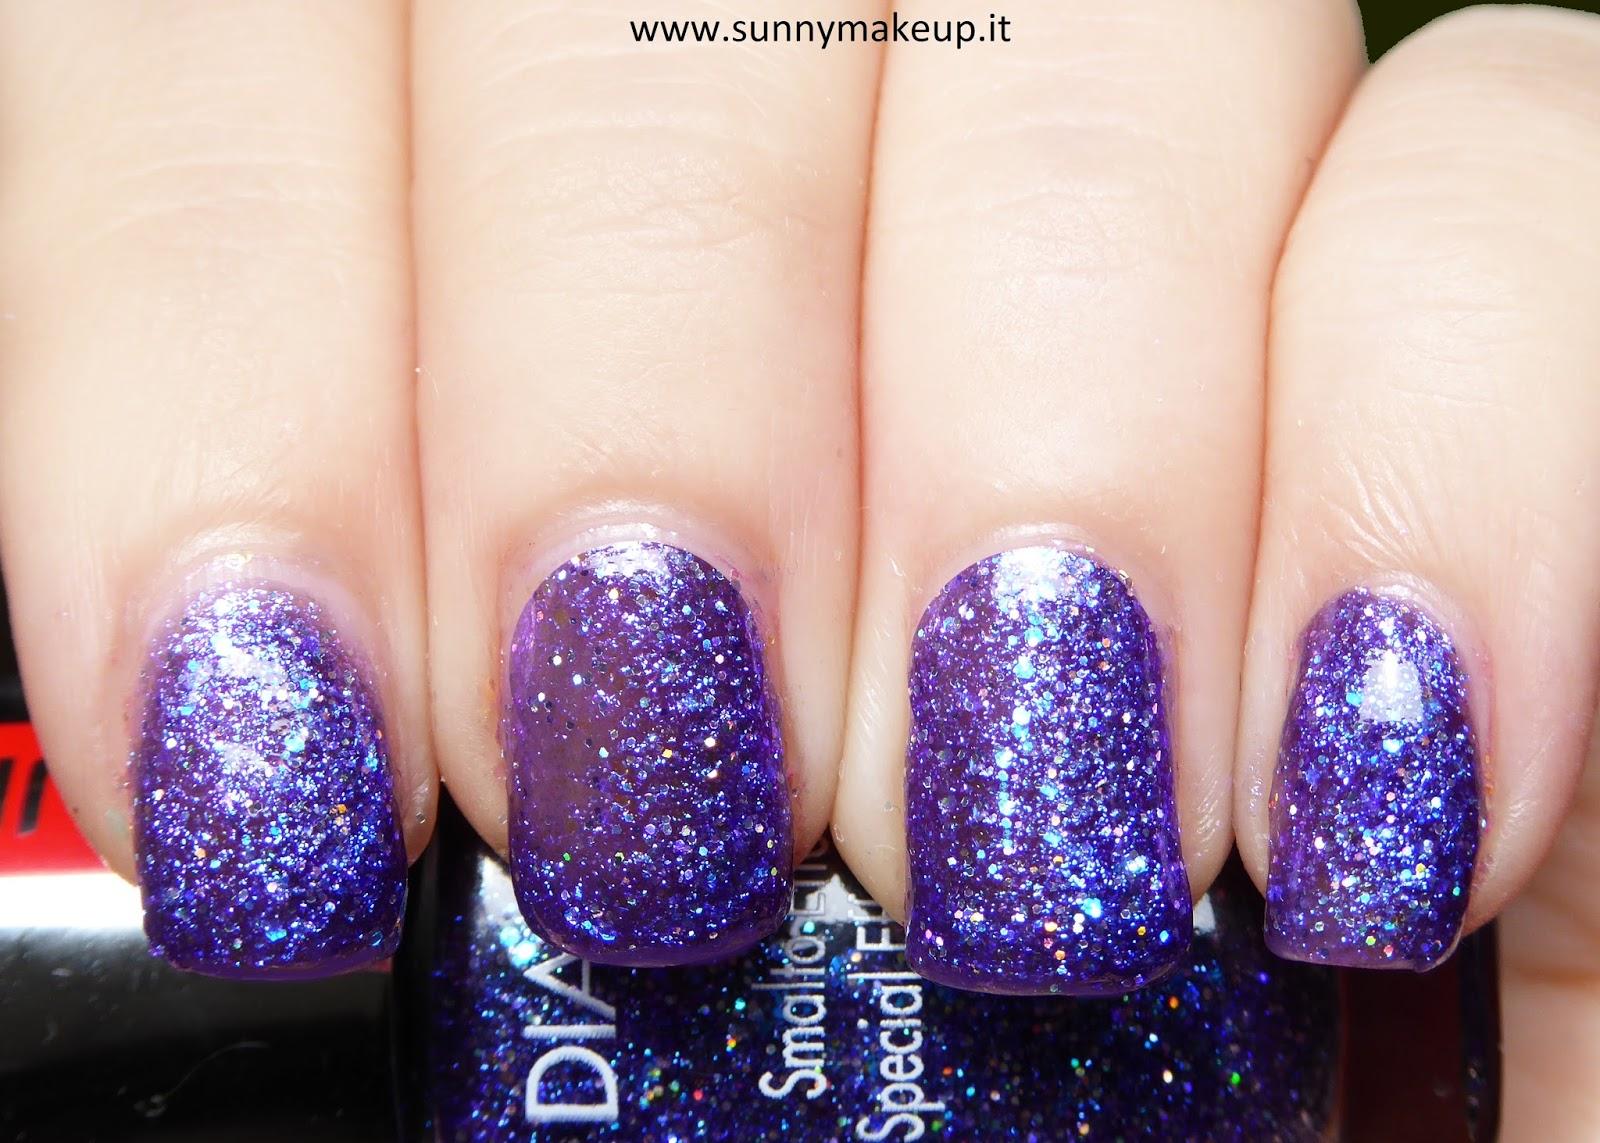 swatch Pupa - Diamond Dust. Da sinistra verso destra, gli smalti speciali effetto polvere di diamante nelle colorazioni: 001 Silver, 002 Peach, 003 Fuchsia, 004 Violet, 005 Blue, 006 Emerald.